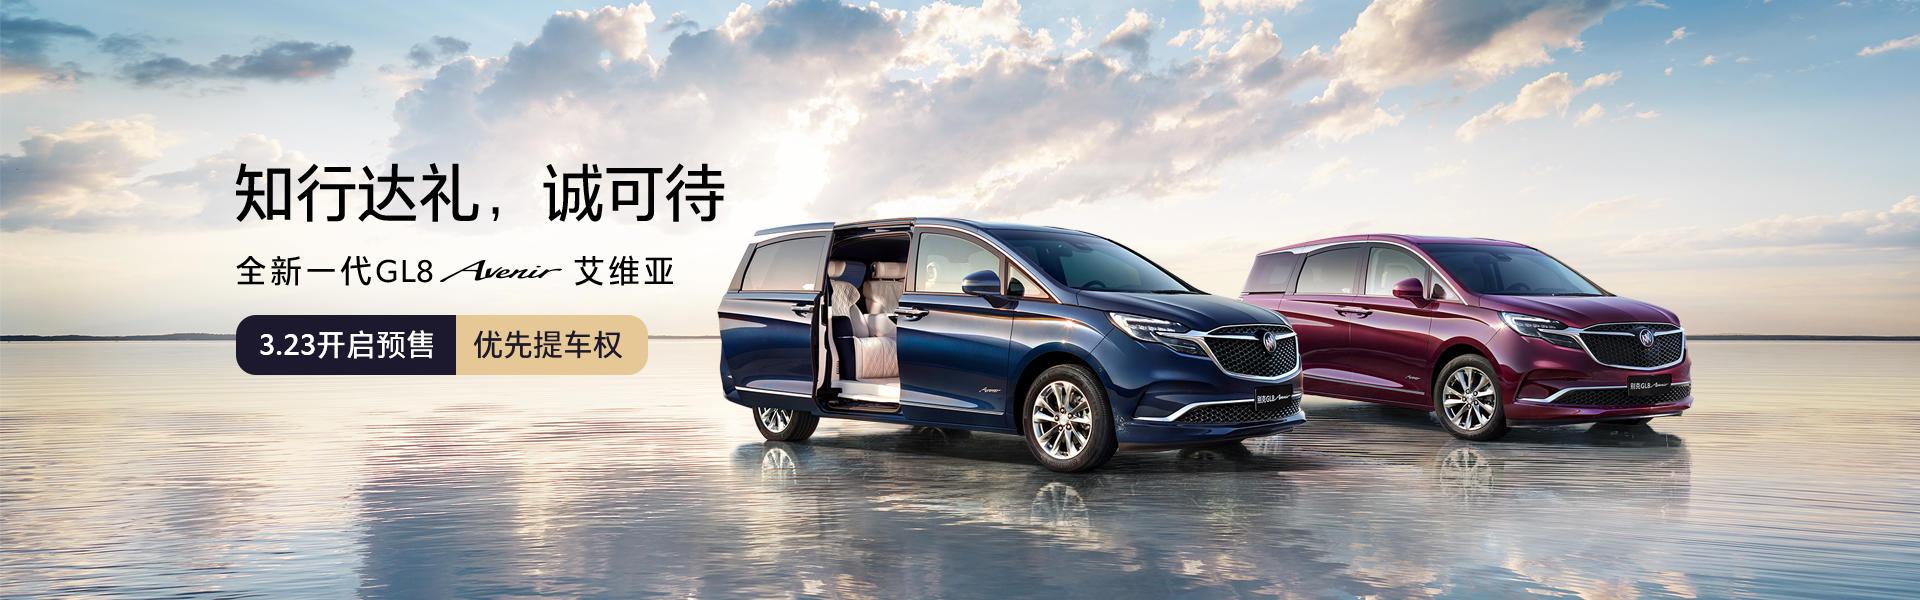 全新一代GL8 Avenir艾维亚预售 尊享优先提车权